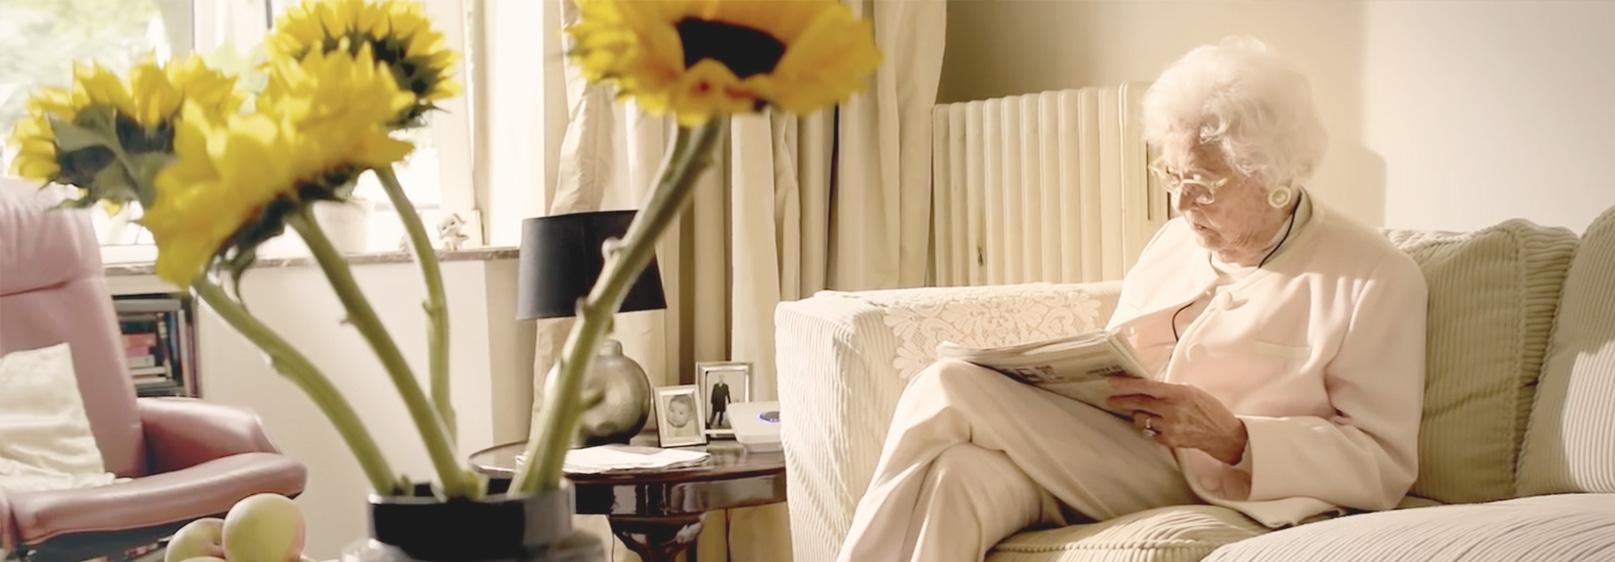 Cliënt woont zelfstandig thuis door zorginnovatie